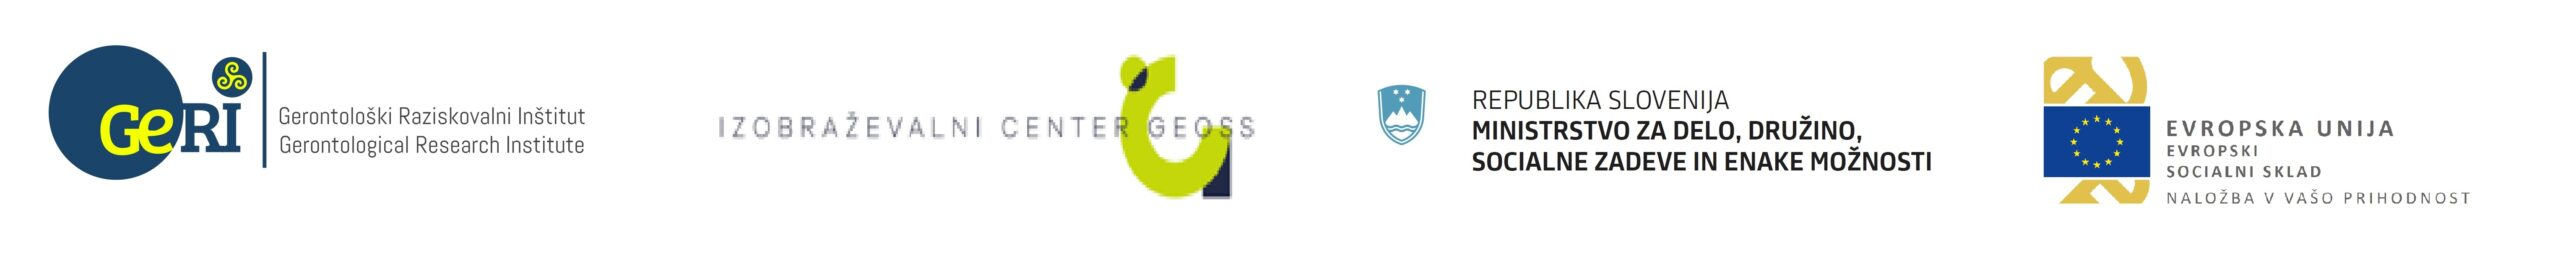 logo_skupaj